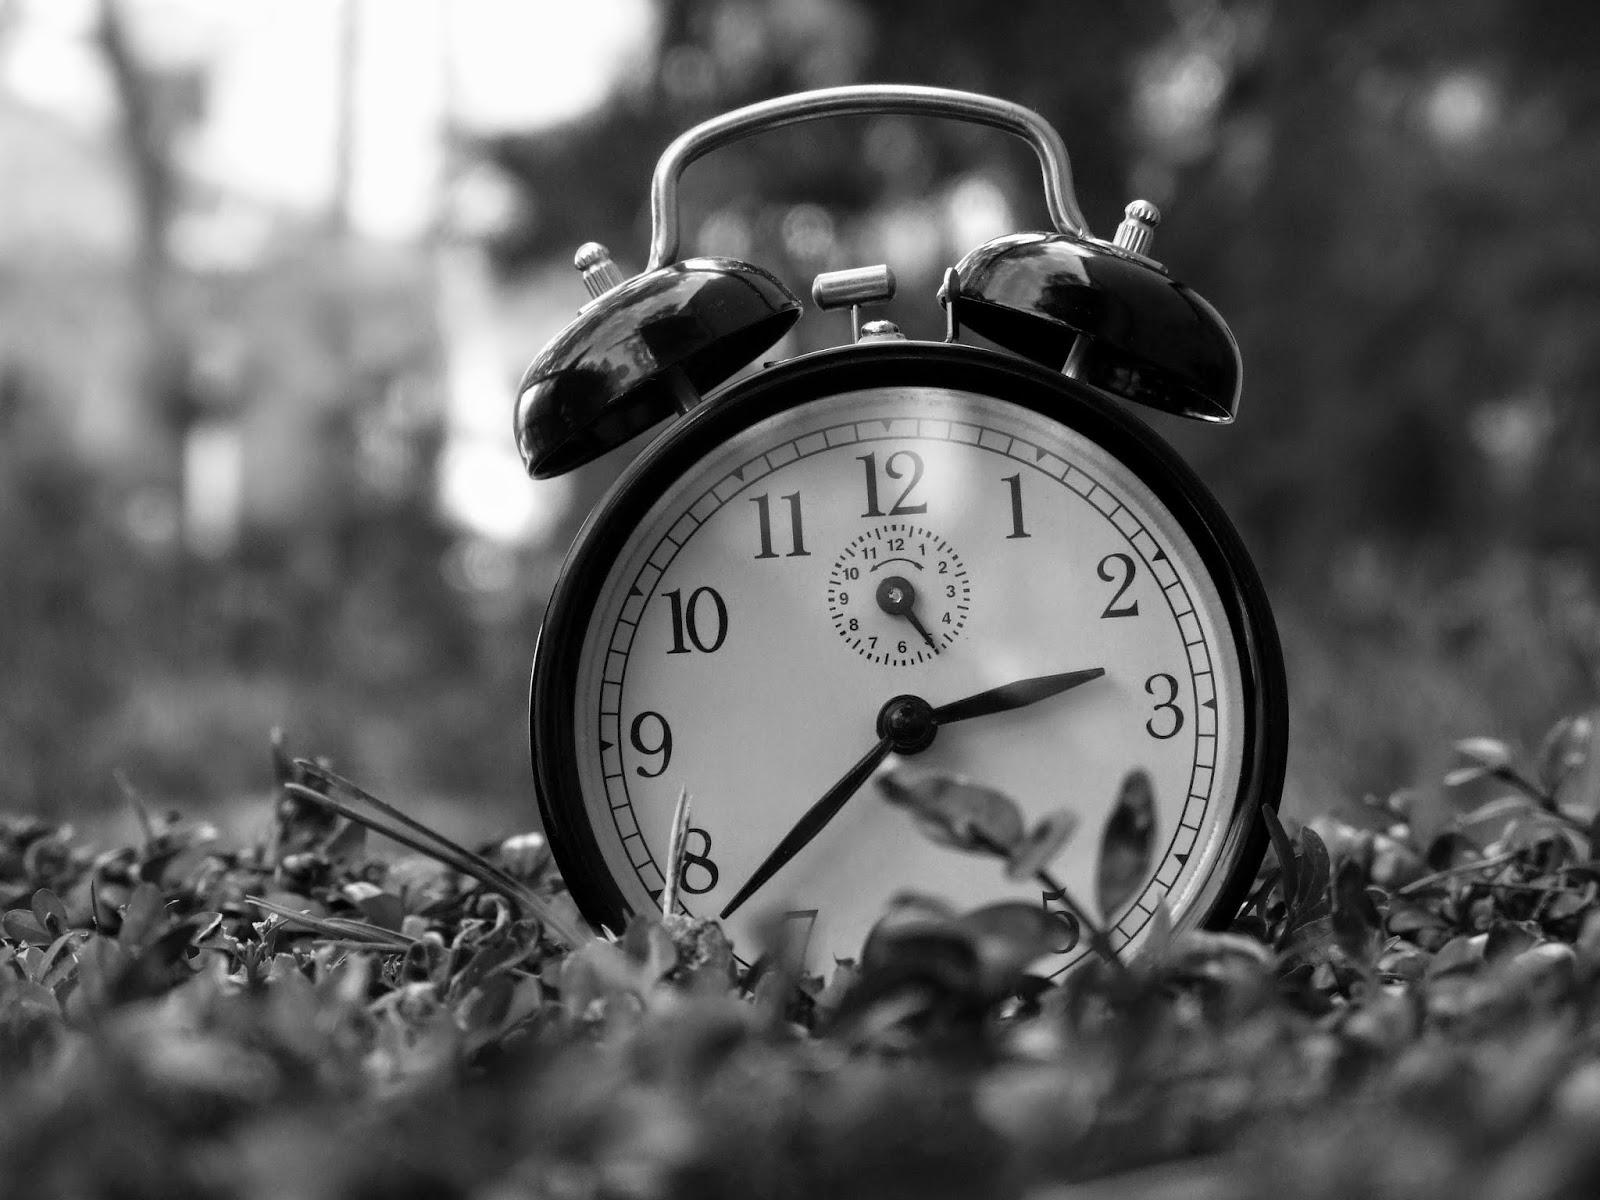 Relojes vintage fondos de pantalla y mucho m s for Imagenes de relojes